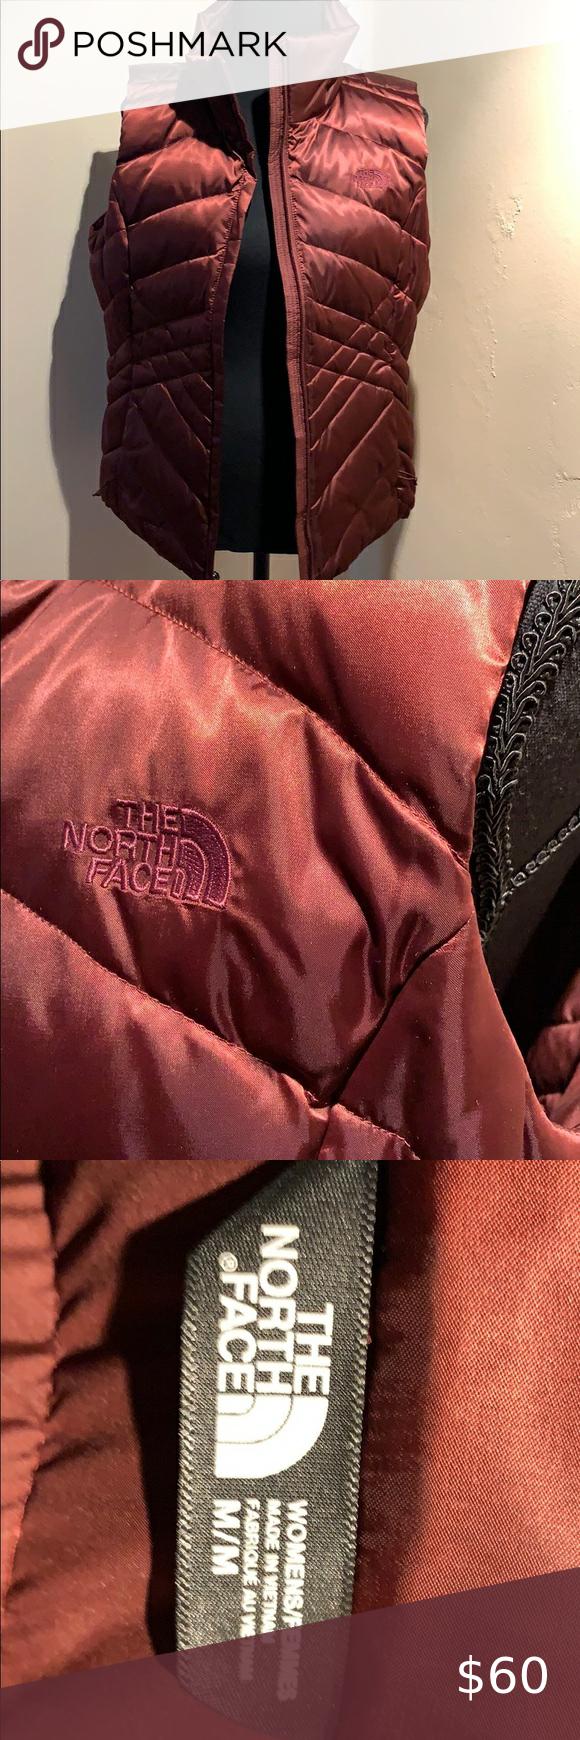 The North Face Vest Medium Winter Jacket North Face North Face Vest North Face Hyvent Jacket [ 1740 x 580 Pixel ]